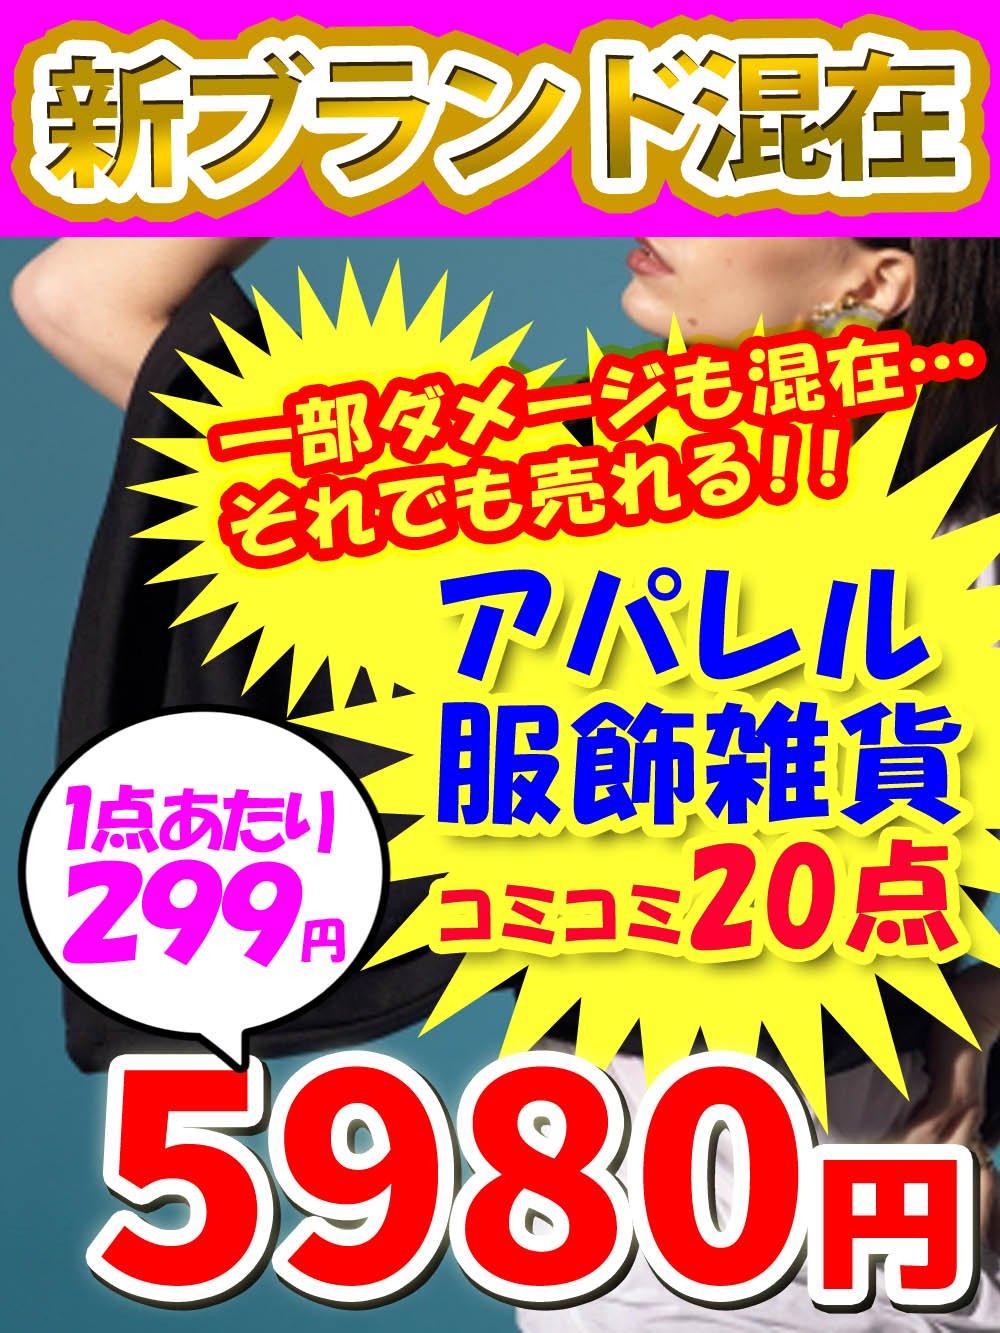 【新ブランド混在】アパレル・服飾雑貨込々!一部ダメージも混在…それでも売れるアラカルト!【20点】@299